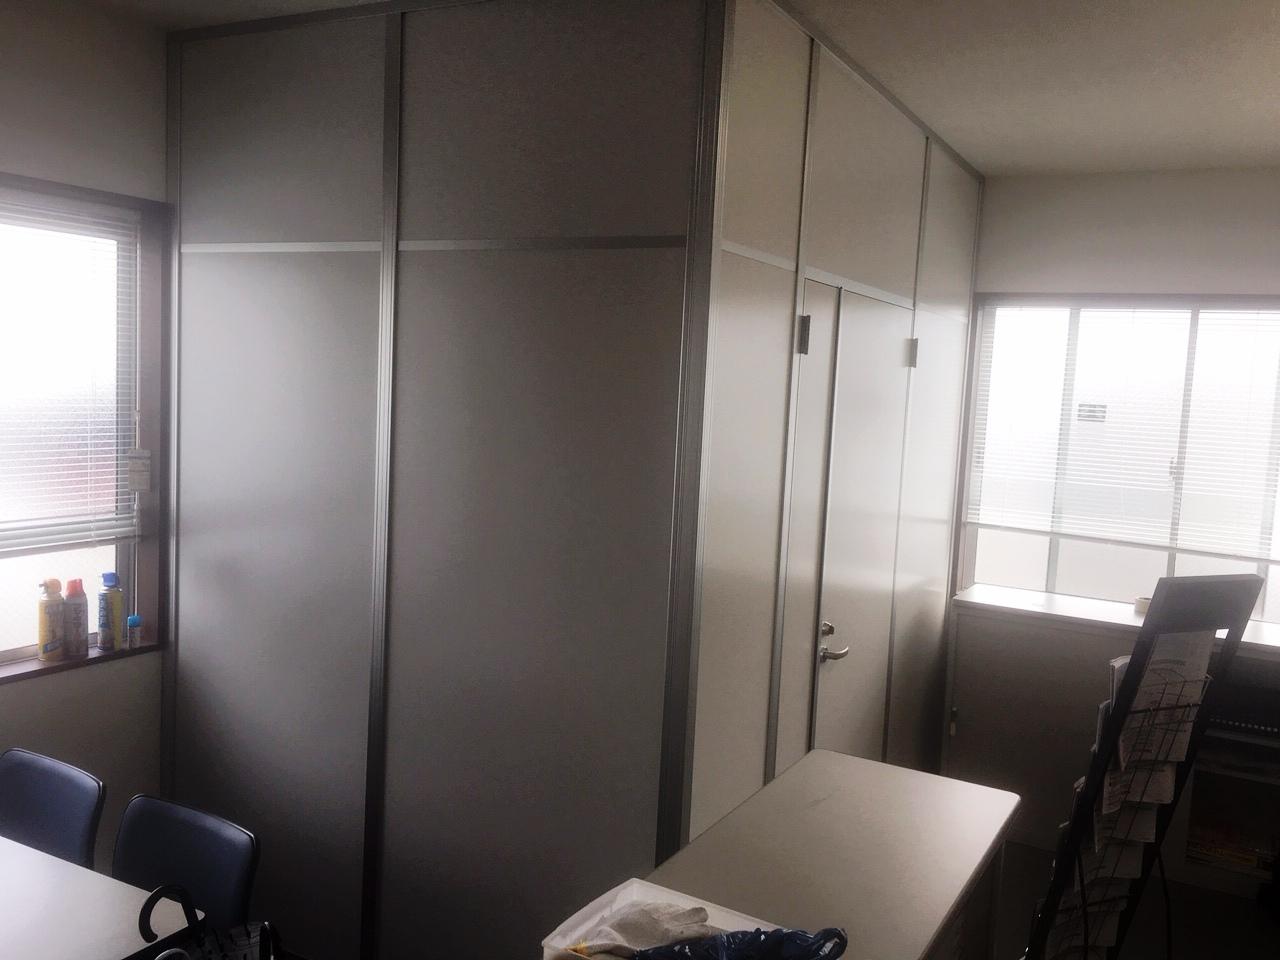 事務スペースと入口を仕切る空間が完成